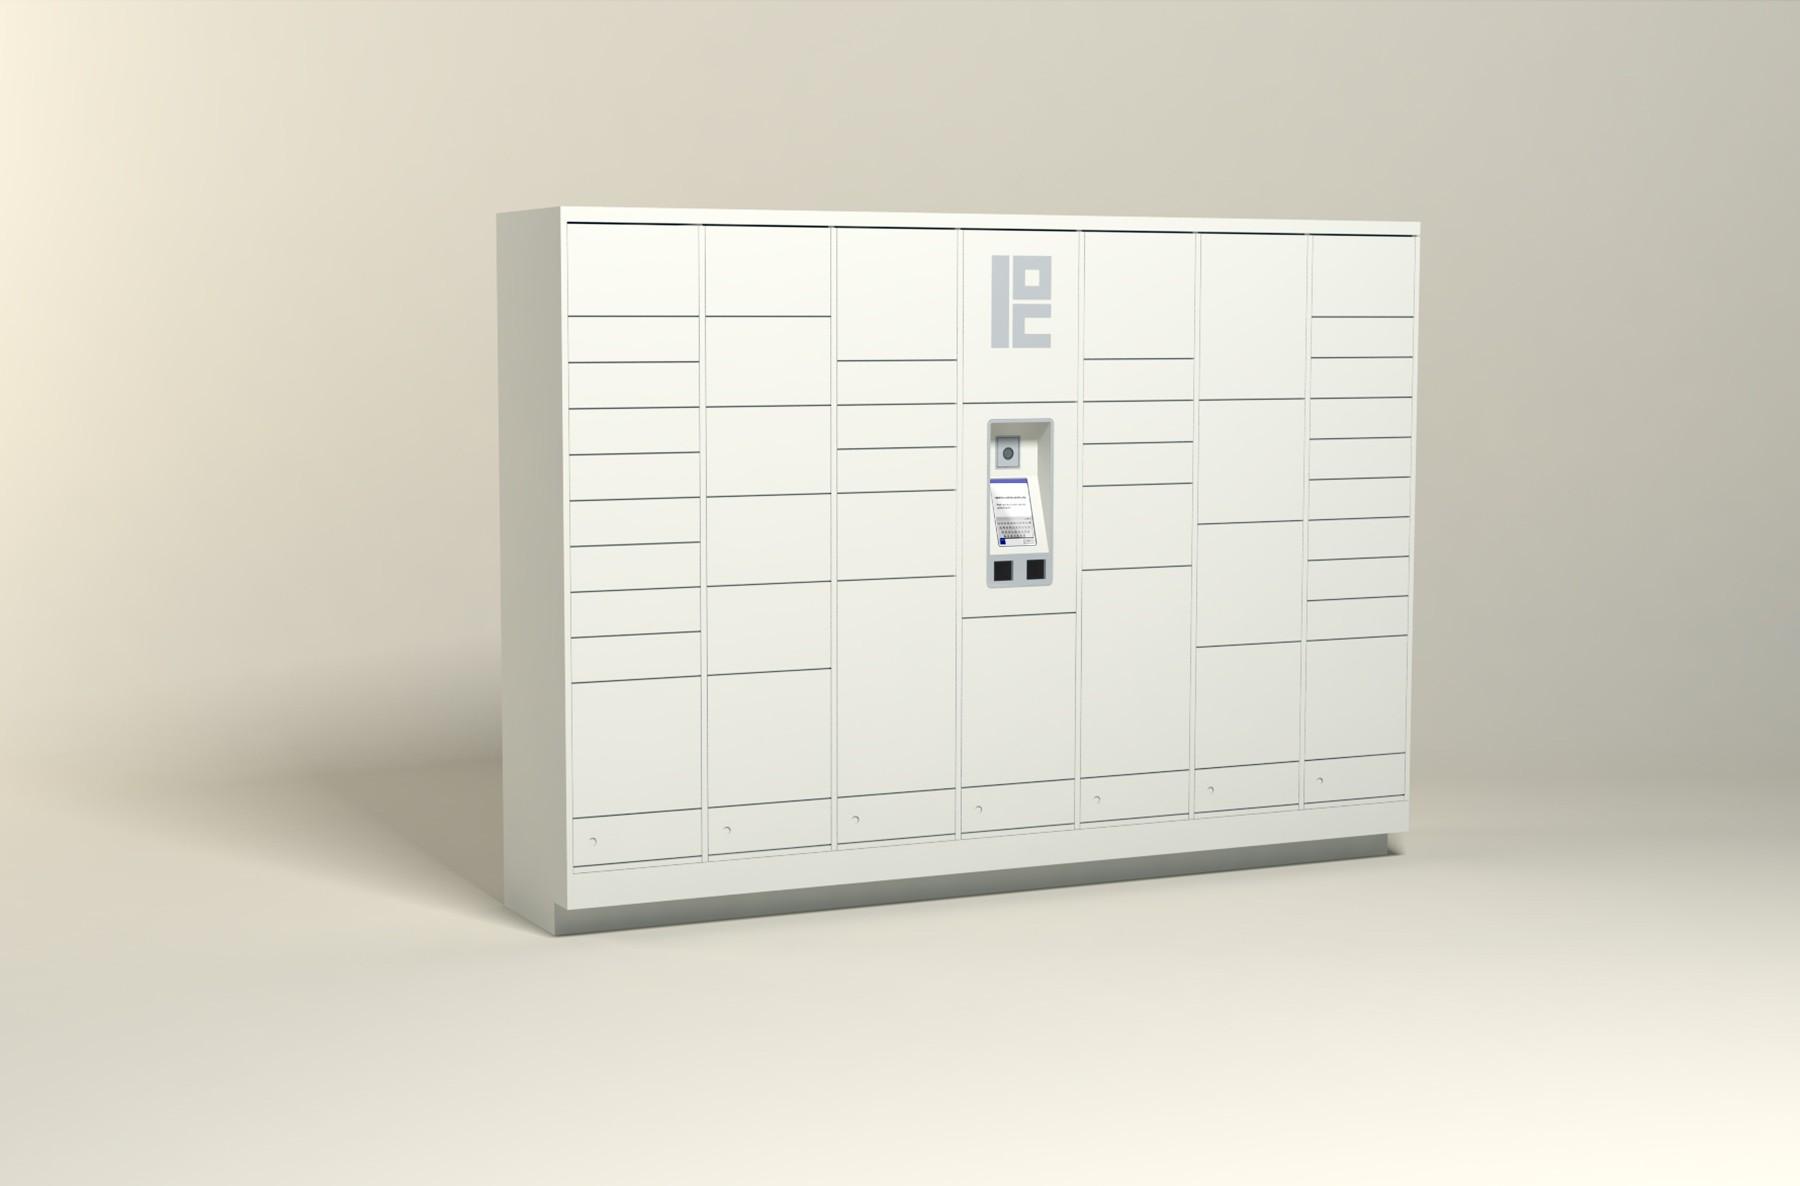 125 Unit - 44 Total Openings - Steel Smart Locker